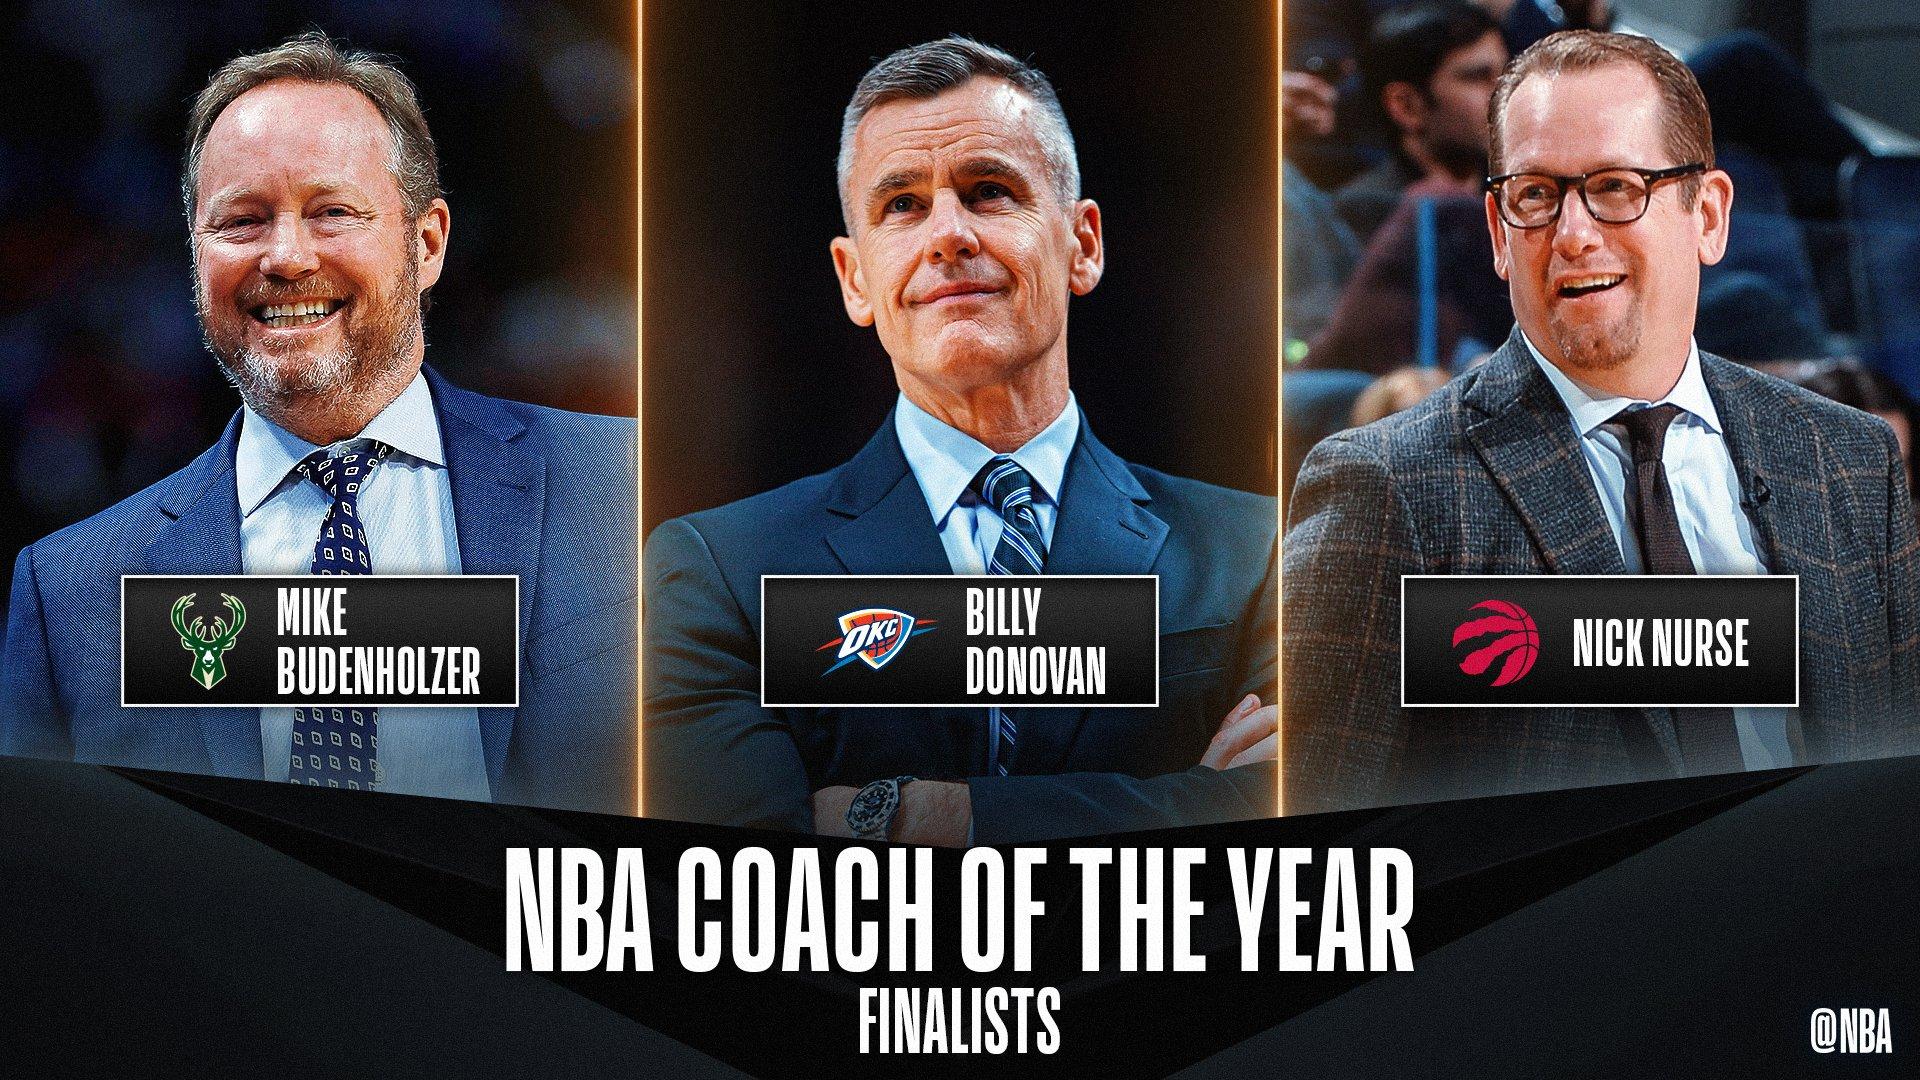 NBA. Scelti i tre finalisti per il premio di allenatore dell'anno: Budenholzer, Donovan, Nurse